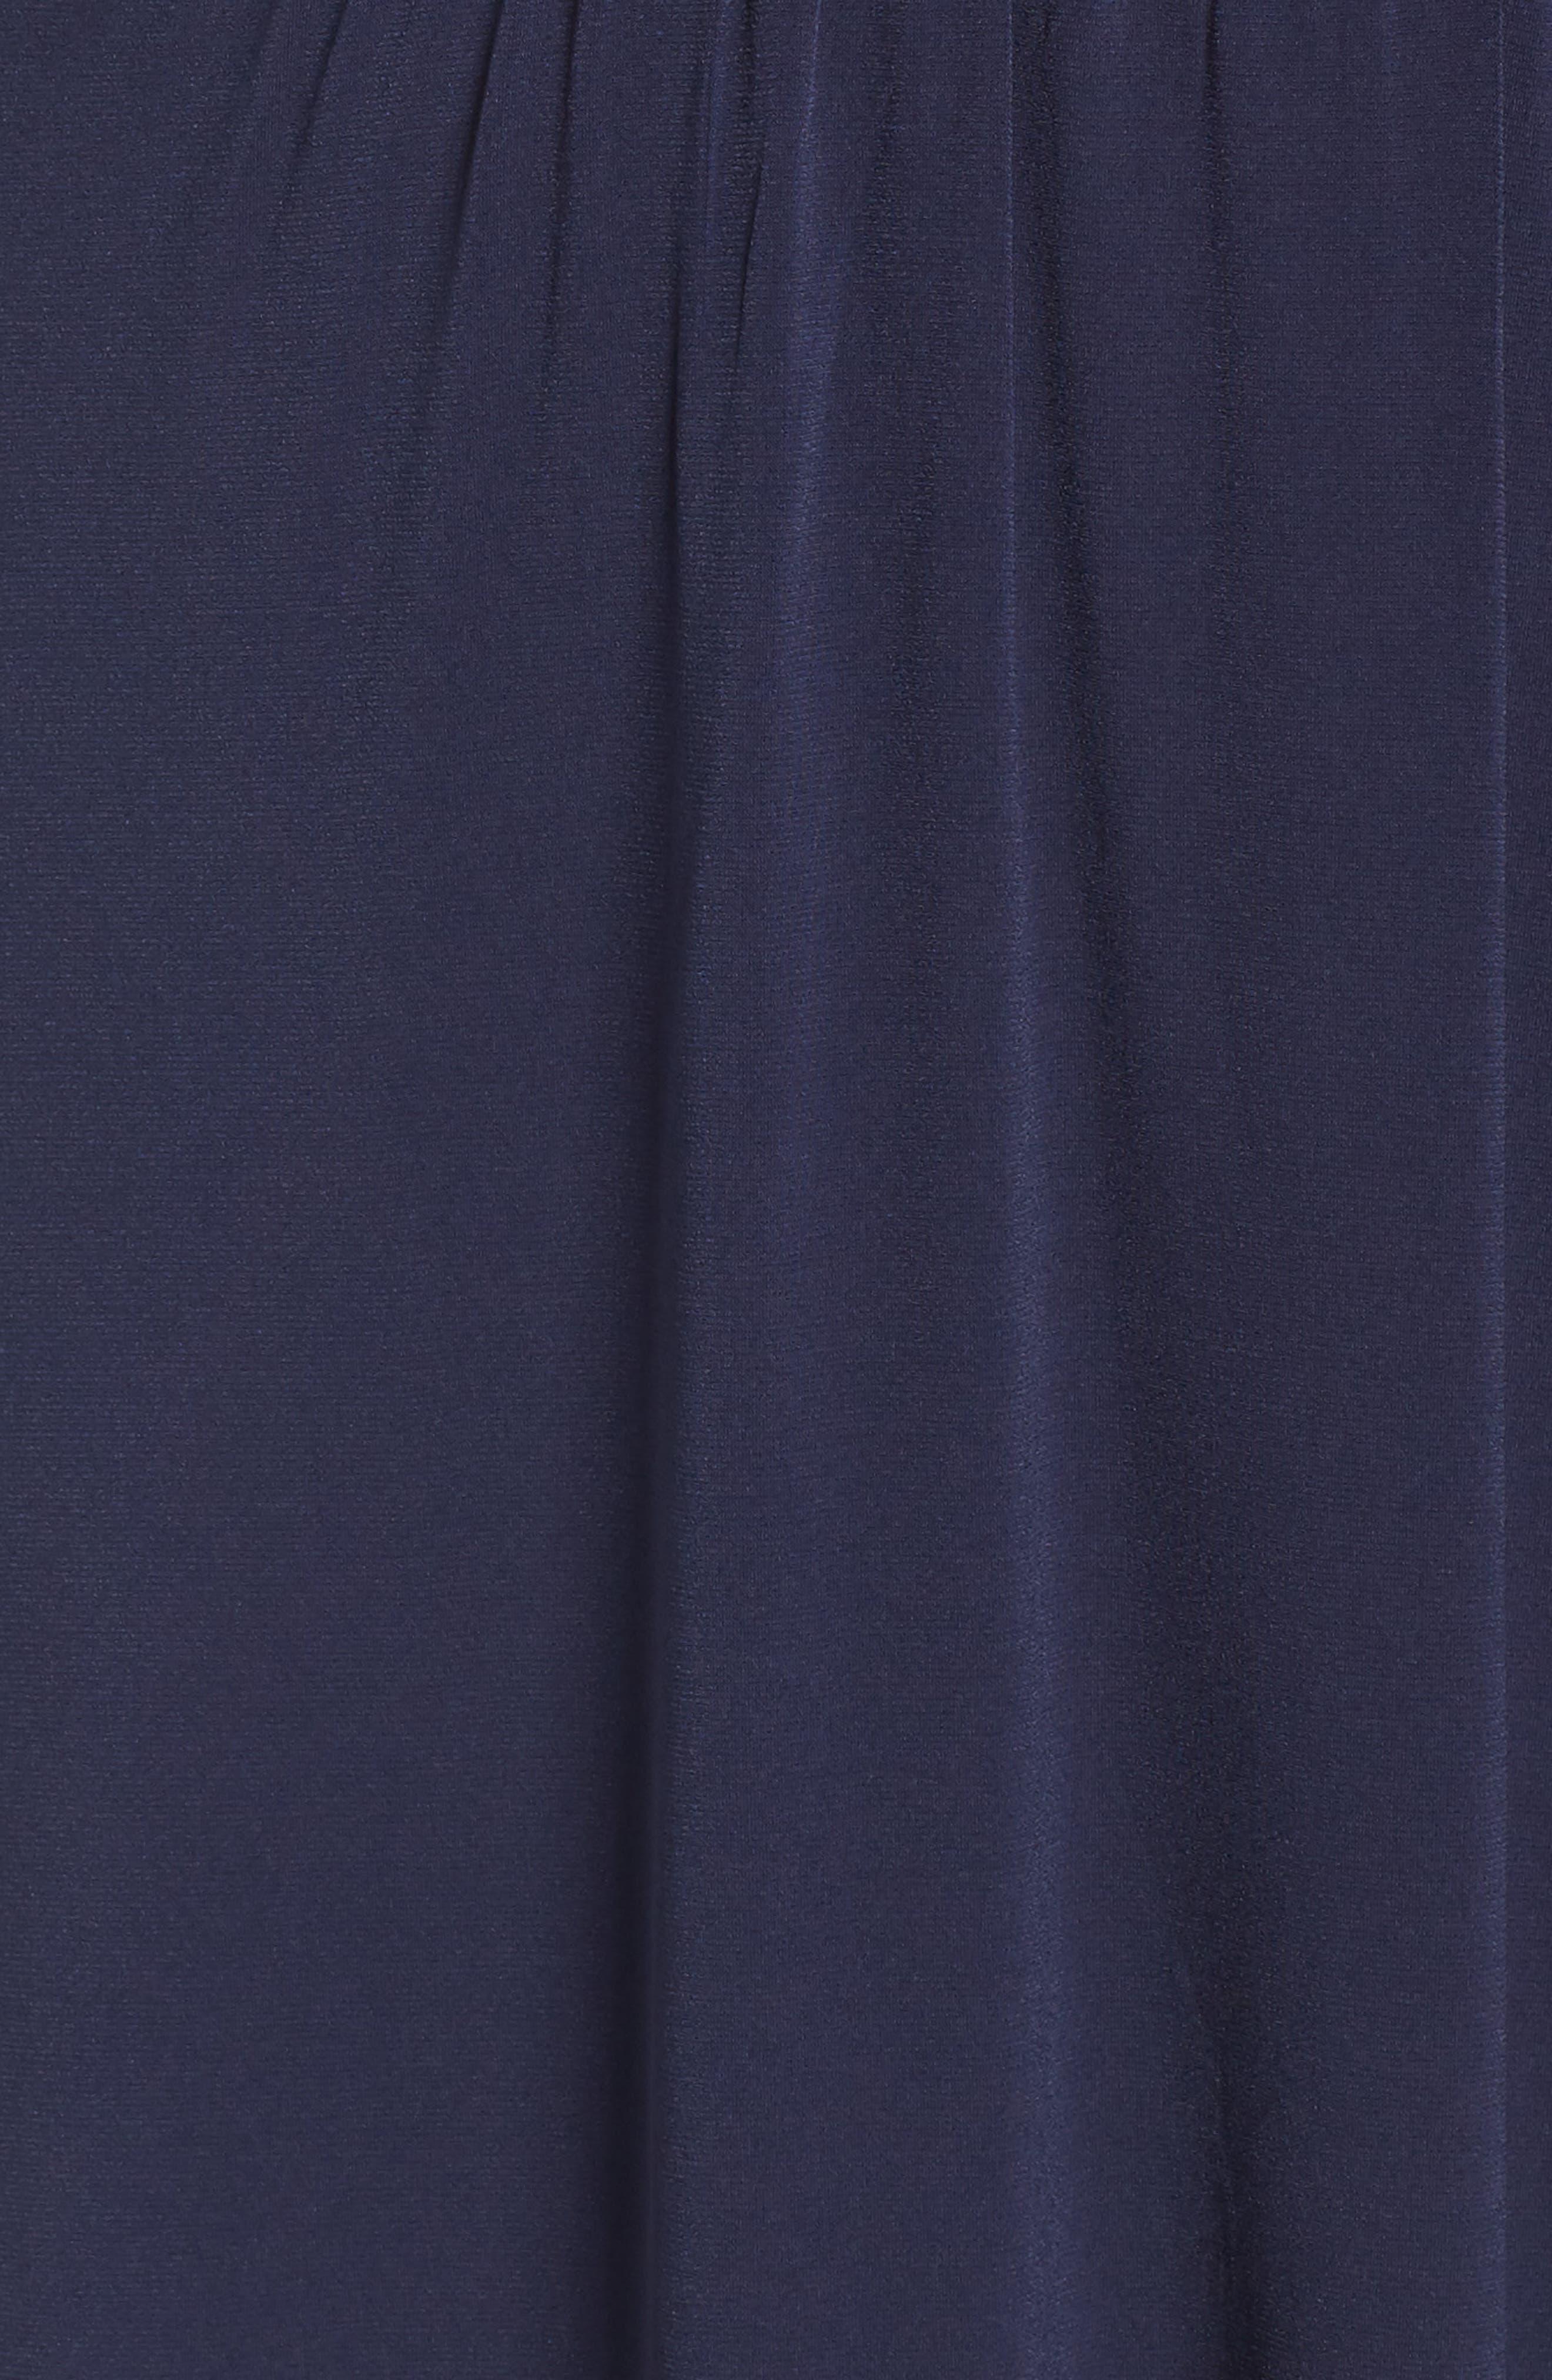 Slit Faux Wrap Maxi Dress,                             Alternate thumbnail 6, color,                             True Navy